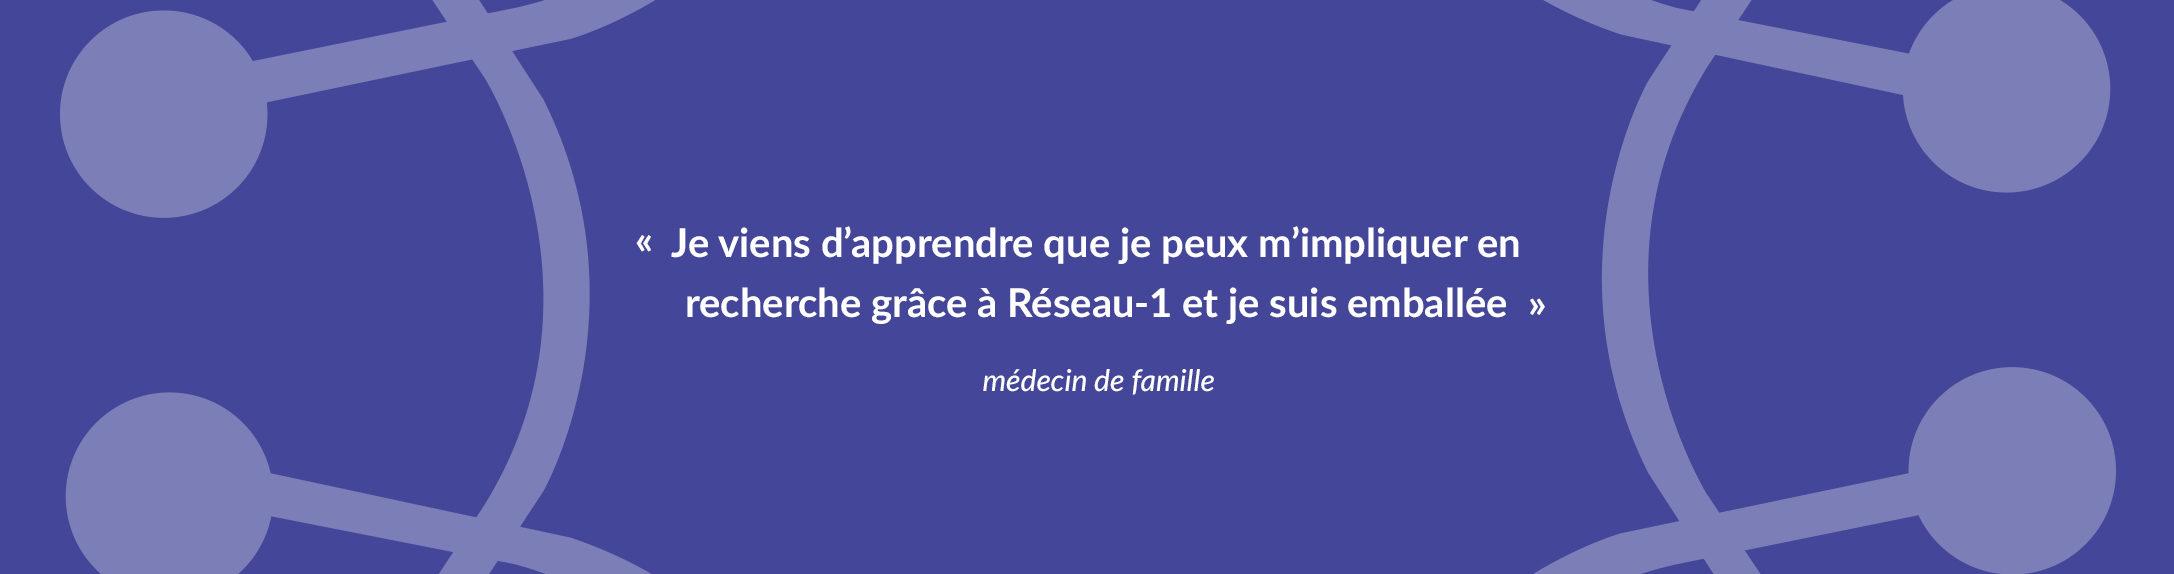 R1Q_banniere_1